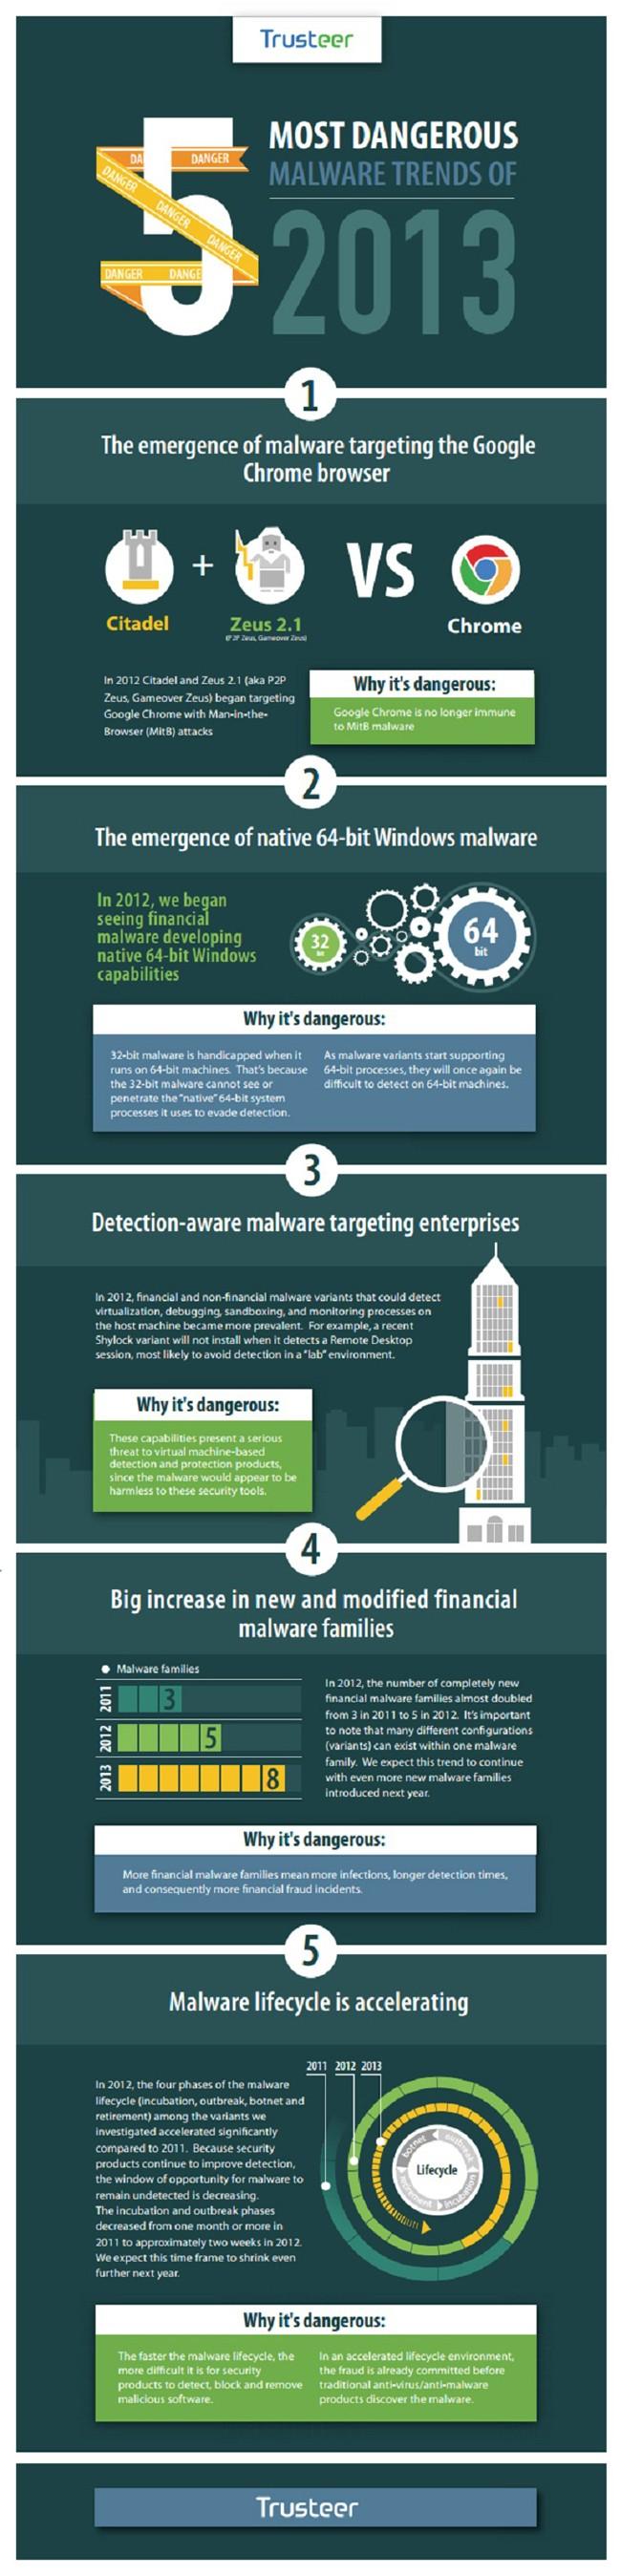 trusteer 2013 malware trends infographic